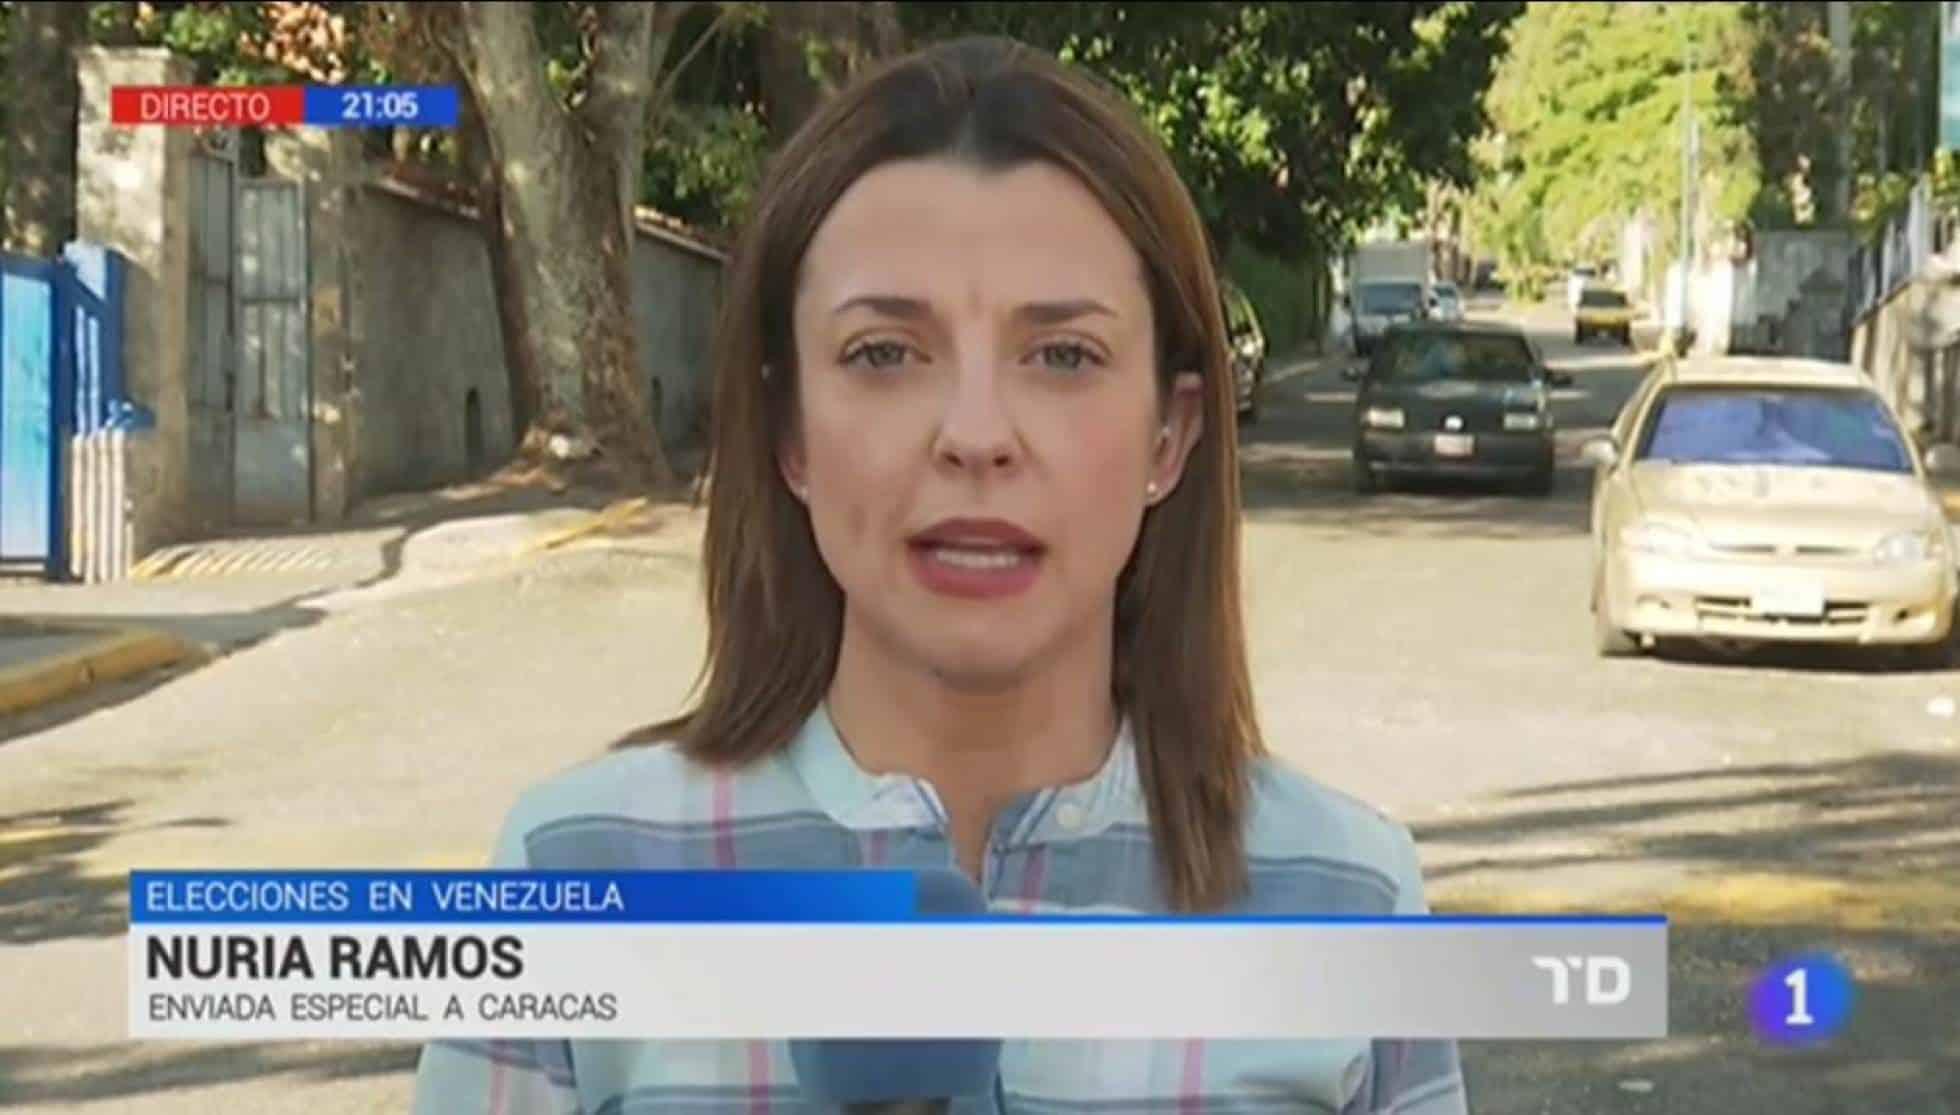 1477998213_445537_1478001492_noticia_normal_recorte1